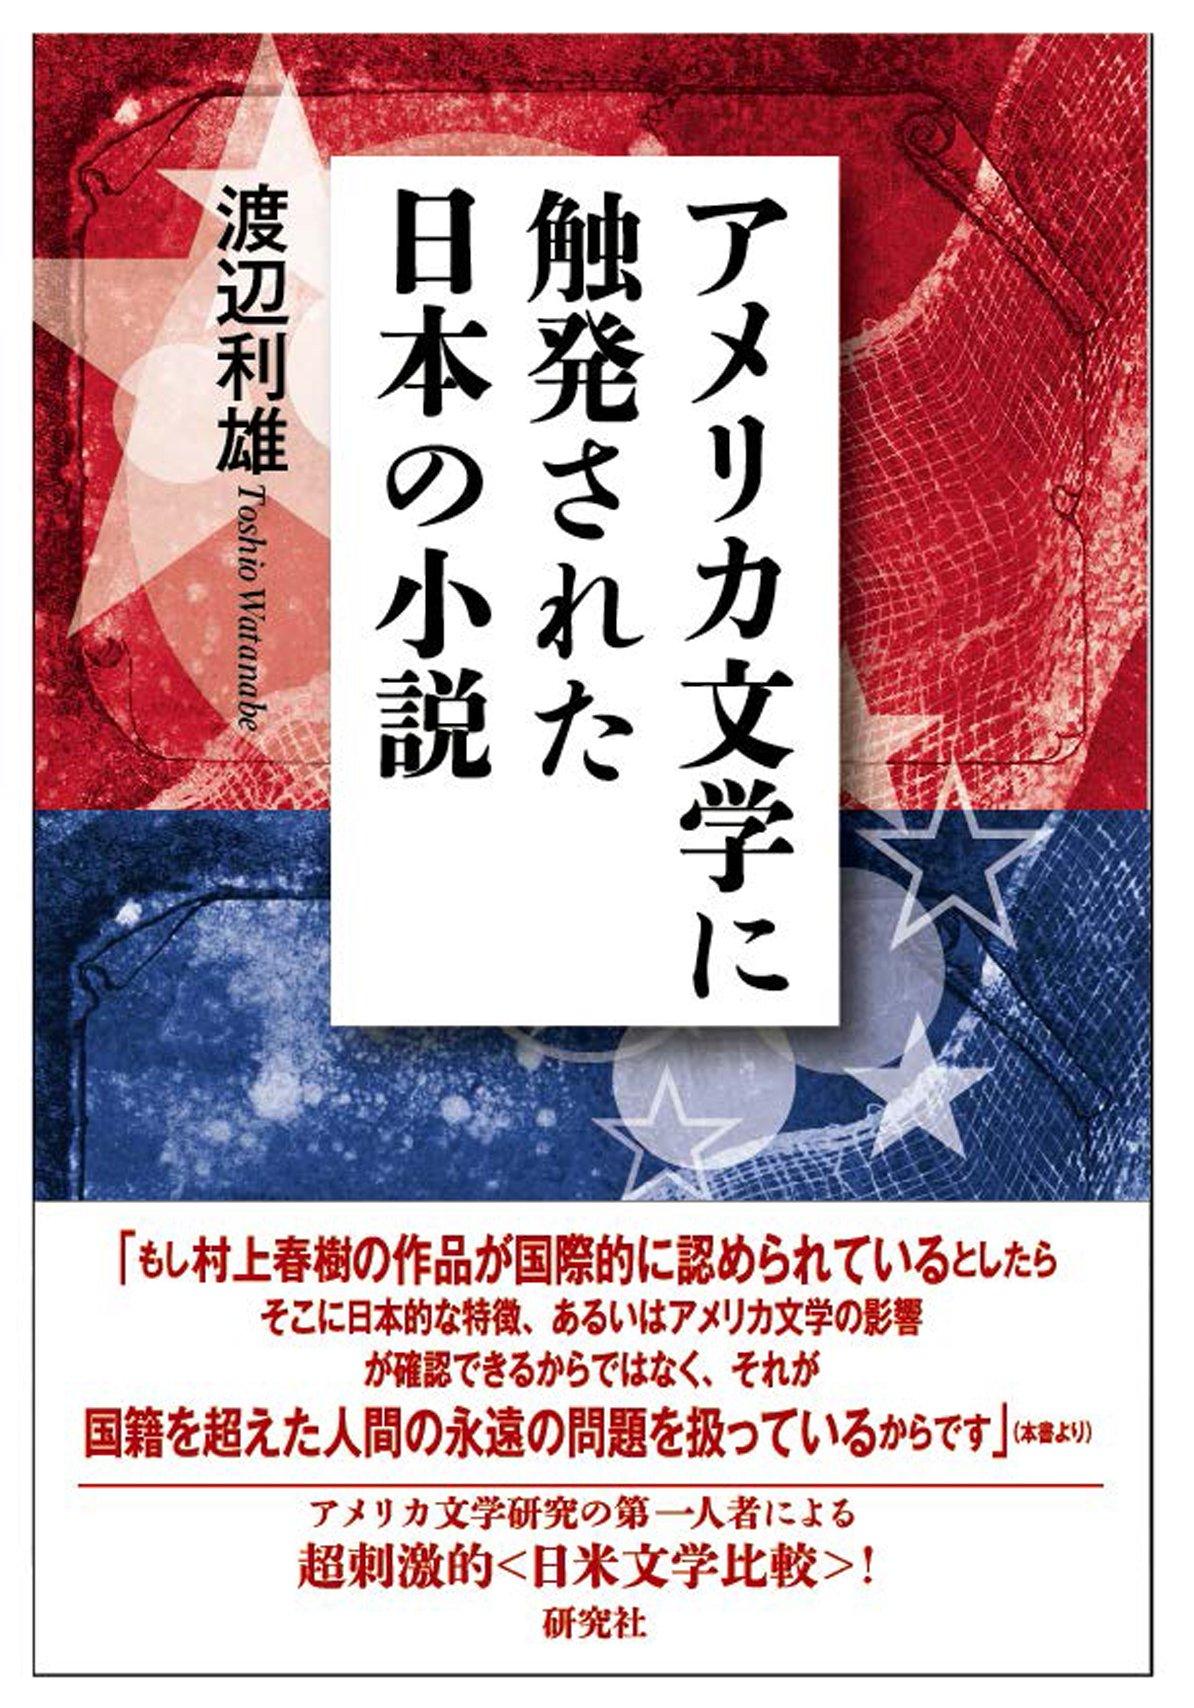 Amerika bungaku ni shokuhatsu sareta nihon no shosetsu. pdf